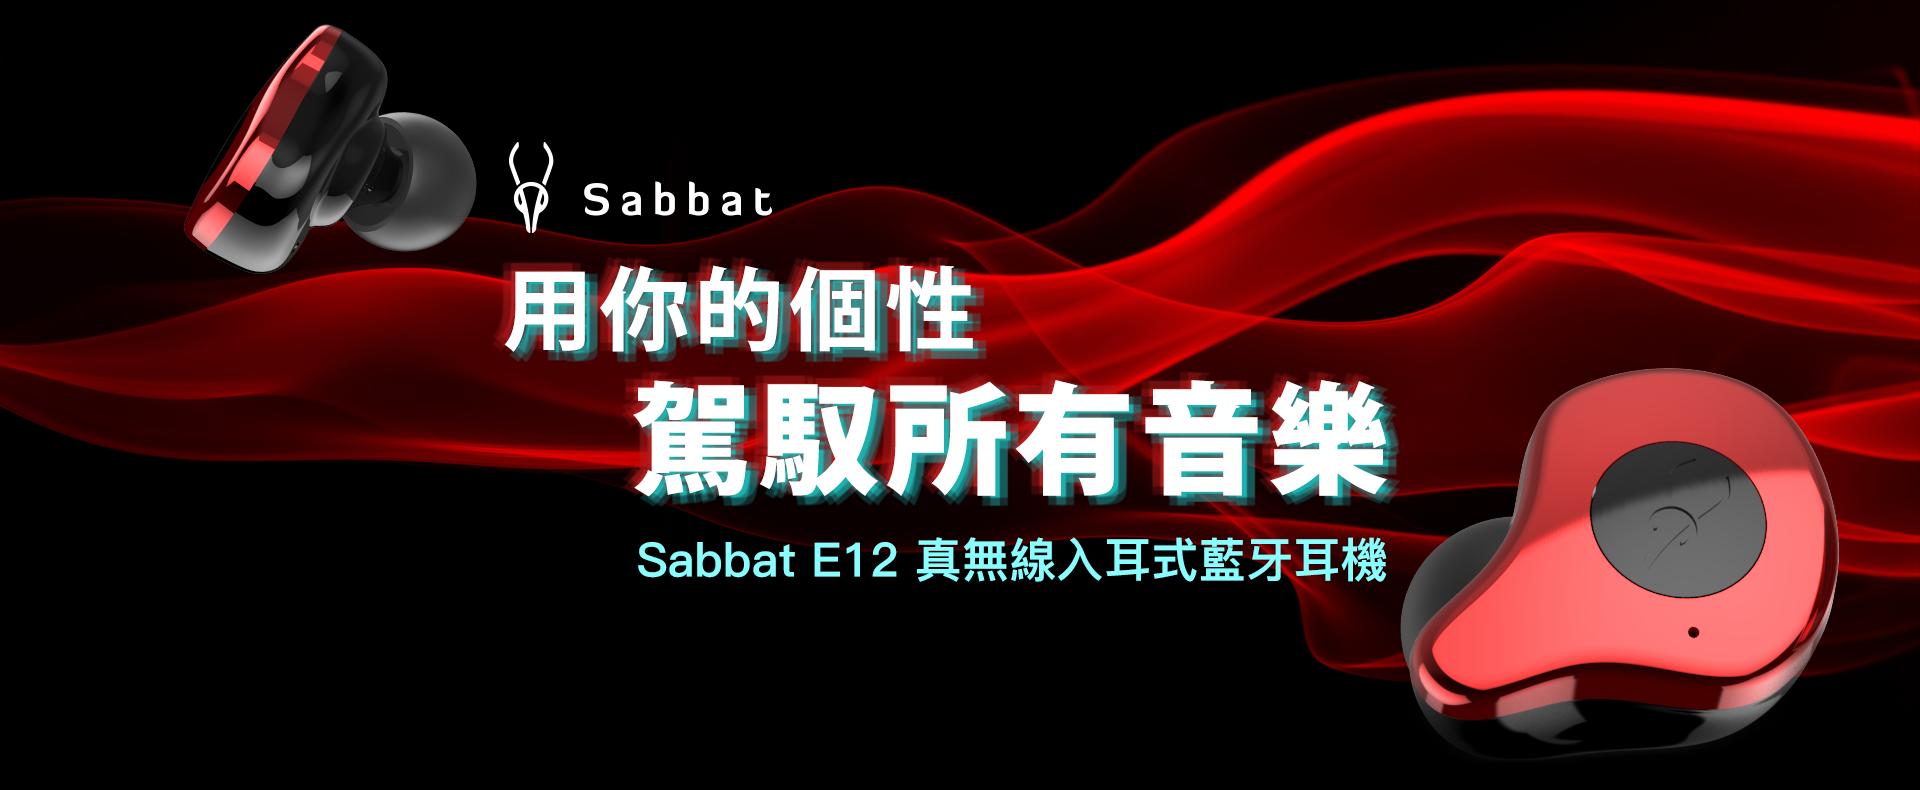 SABBAT-E12   真無線入耳式藍芽耳機推薦